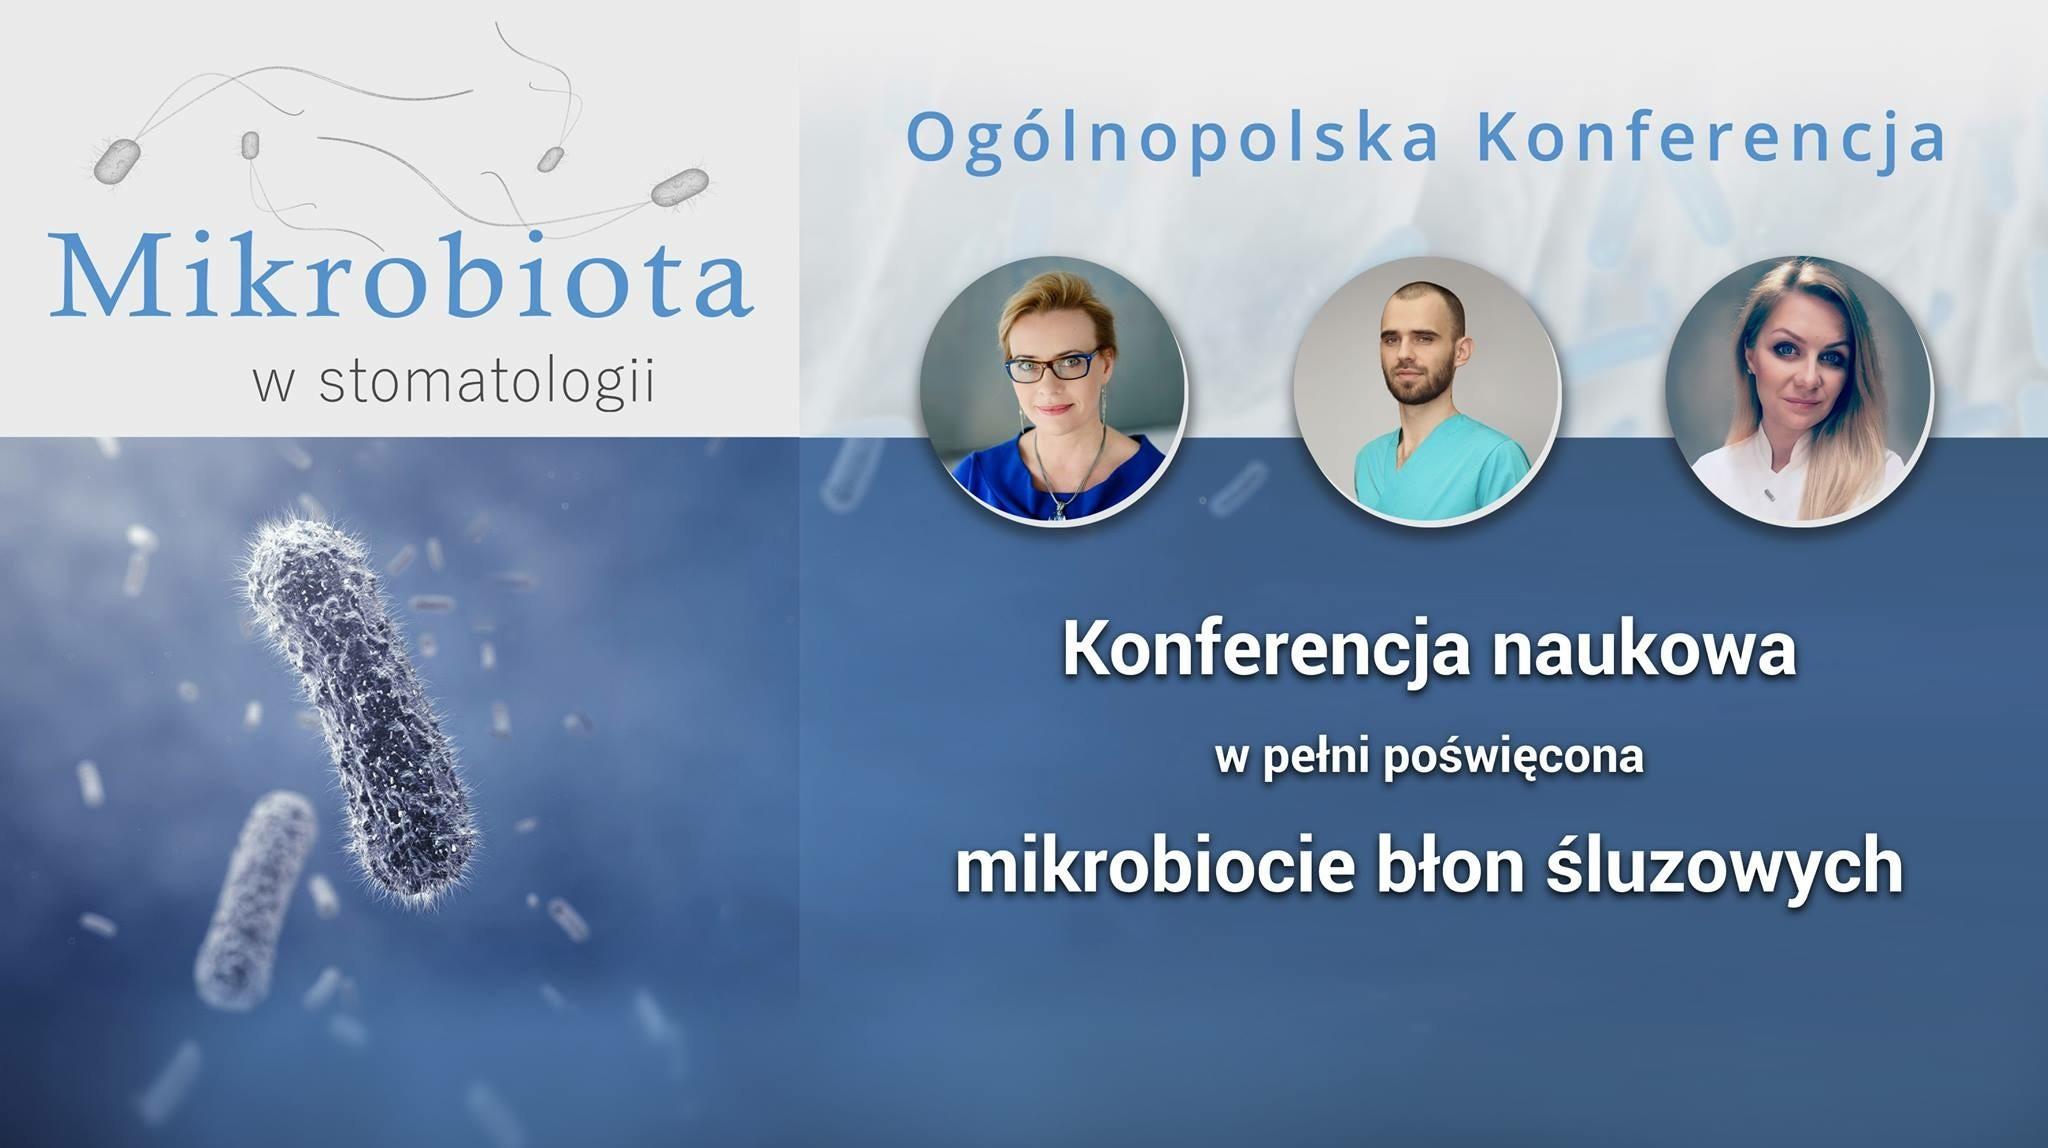 Mikrobiota w stomatologii